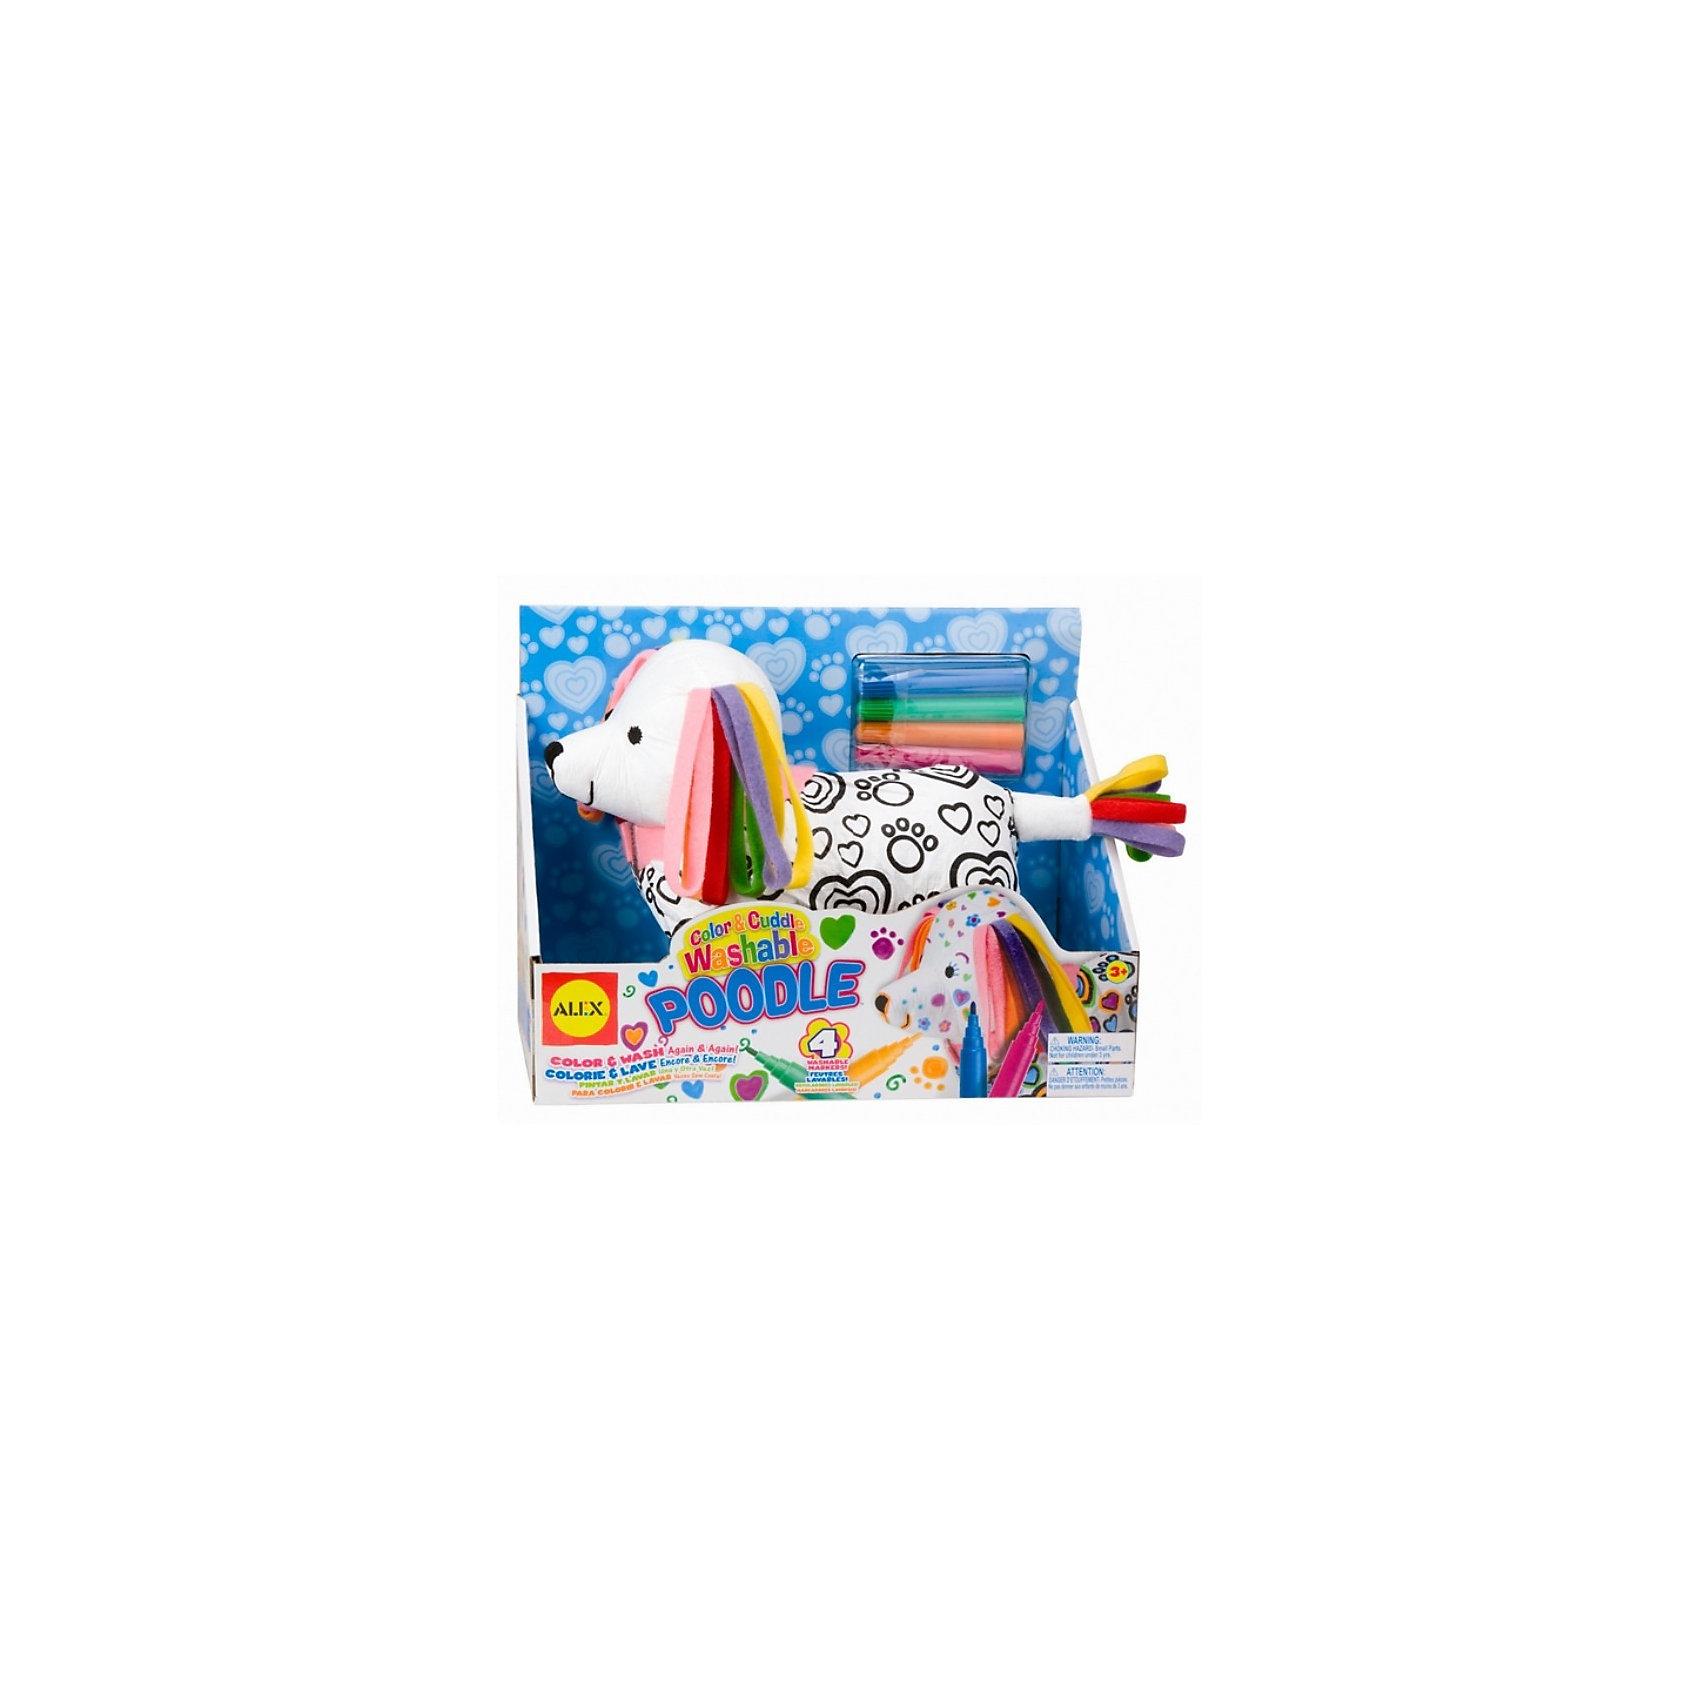 Набор для творчества Раскрась пуделя , ALEXНаборы для раскрашивания<br>Набор для творчества Раскрась пуделя от ALEX (Алекс) идеально подходит для детей, которым нравится рисовать не только на бумаге. Этот забавный щенок с разноцветными ушками  и хвостиком хочет преобразиться! Ваш ребенок помощью фломастеров для ткани сможет раскрасить в разные цвета пуделя и его одежду, на поверхности которой уже нанесен черный контур рисунка. А если узор не получится или захочется нарисовать что-то новое, пуделя и его одежду можно будет постирать и он снова будет готов к новым цветным приключениям.<br>Можно стирать в машинке. Одежда снимается. <br><br>Дополнительная информация:<br>- В наборе:  мягконабивная игрушка, фломастеры (4 цвета) для ткани, инструкция по уходу за игрушкой. <br>- Размер упаковки: 110x300x170 мм.<br>- Вес: 363,2 г.<br><br>С набором для творчества Раскрась пуделя малыш в веселой, увлекательной форме сможет раскрыть свой творческий потенциал, направив всю свою энергию на преображение предлагаемой игрушки.<br><br>ALEX 69WP Набор для творчества Раскрась пуделя можно купить в нашем интернет-магазине.<br><br>Ширина мм: 50<br>Глубина мм: 34<br>Высота мм: 36<br>Вес г: 363<br>Возраст от месяцев: 36<br>Возраст до месяцев: 96<br>Пол: Женский<br>Возраст: Детский<br>SKU: 2148519